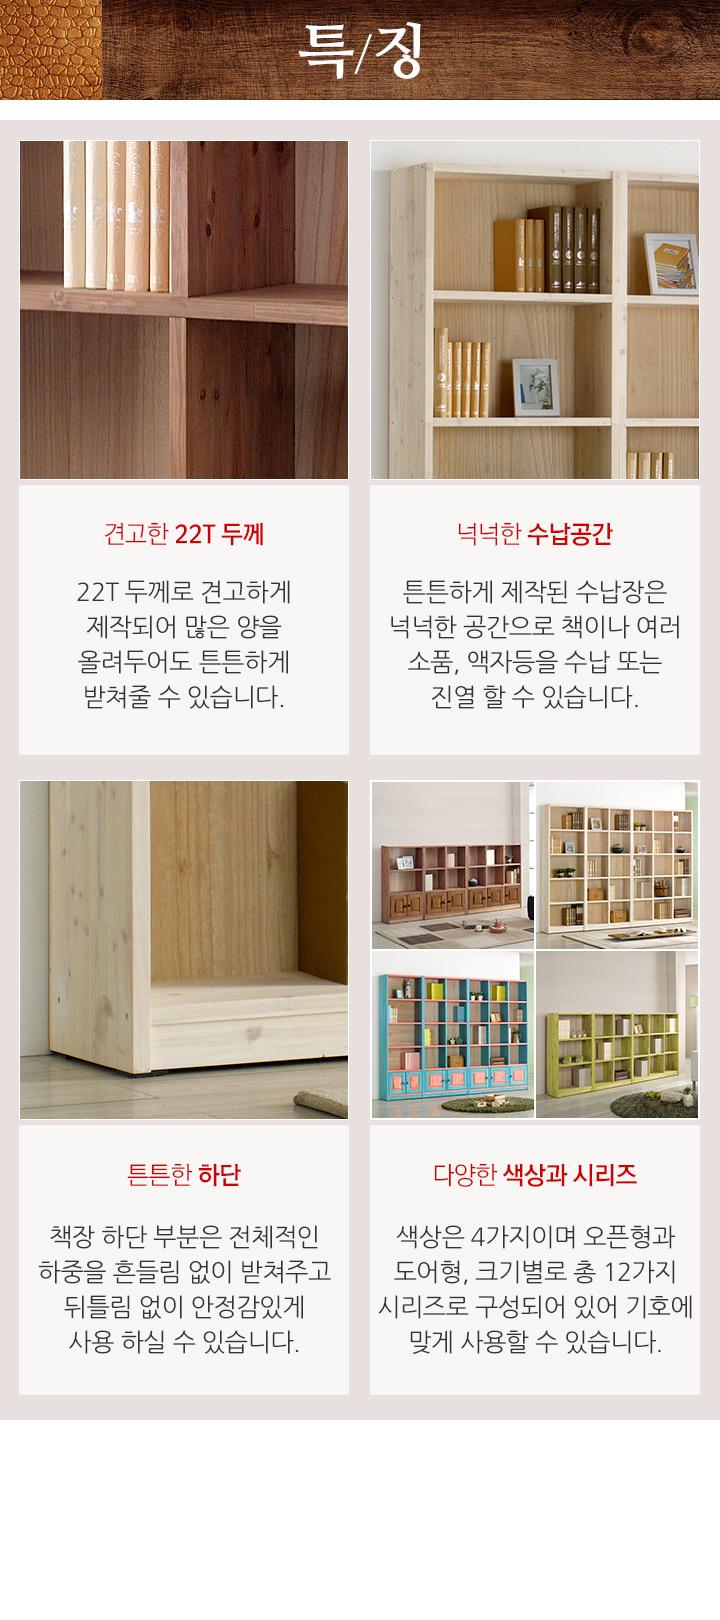 자빈 원목 책장 3단 600 오픈형 - 인우드, 174,670원, 책장/서재수납, 책장